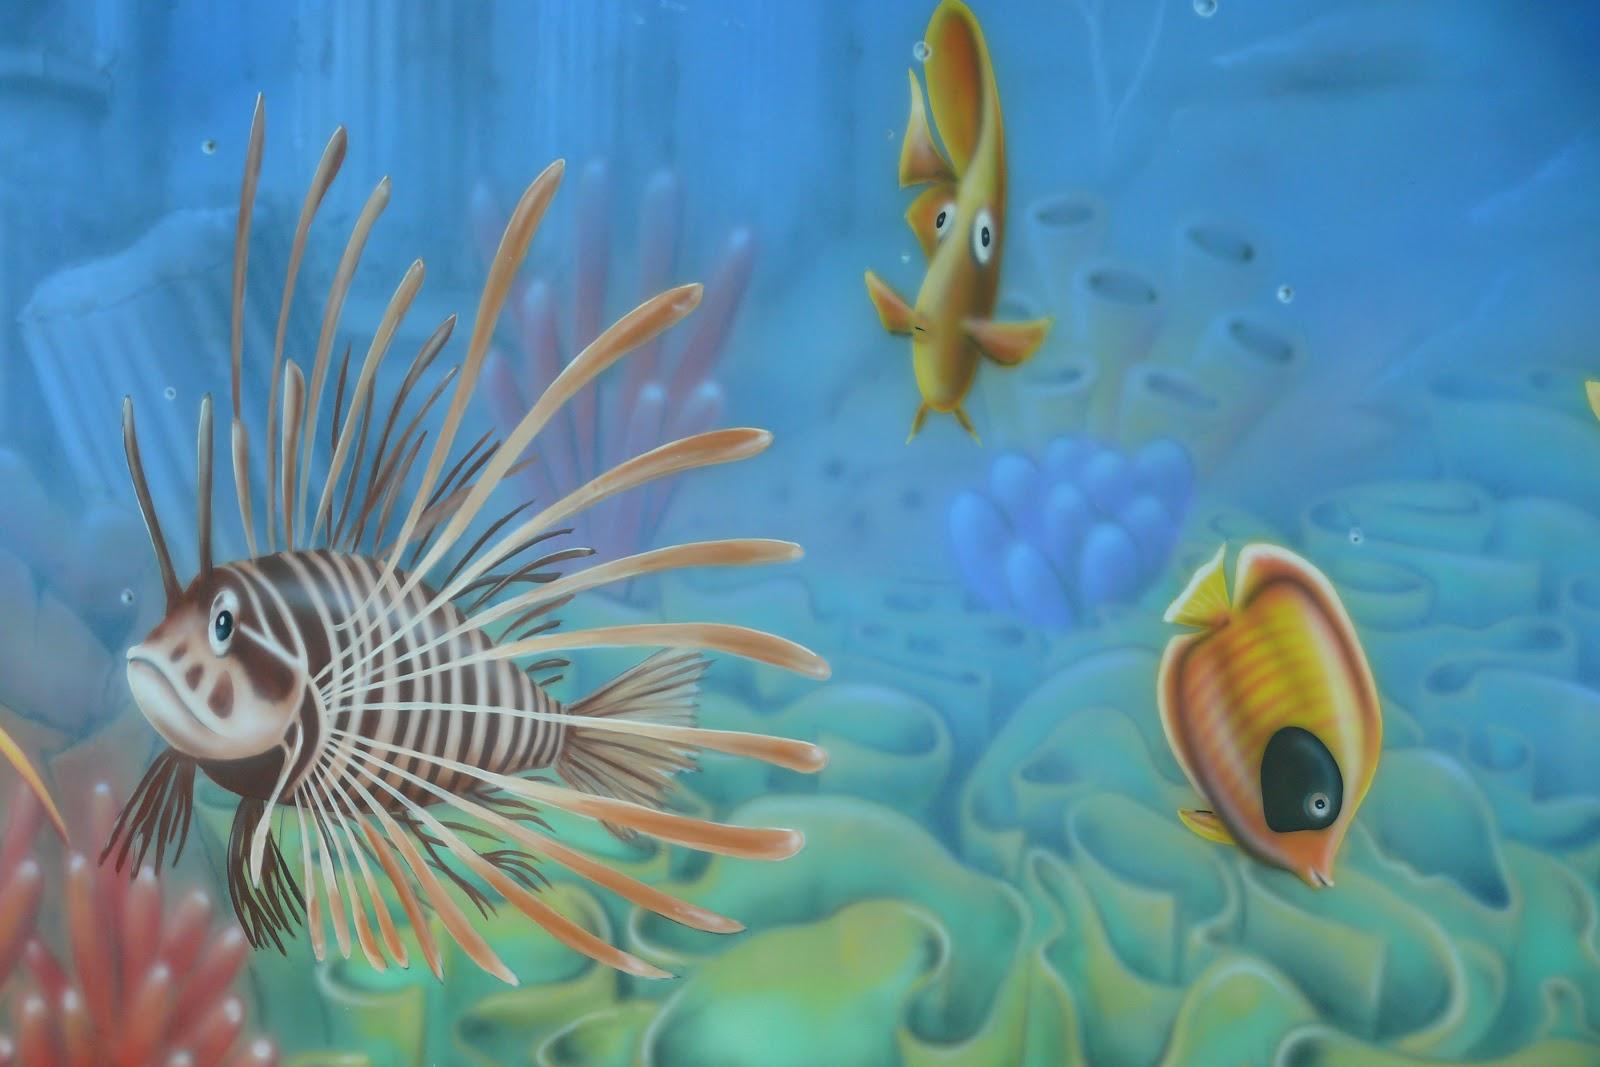 Malowanie na ścianie obrqazu przedstawiającego rafę koralową, mural ścienny 3D, aranżacja basenu, Warszawa